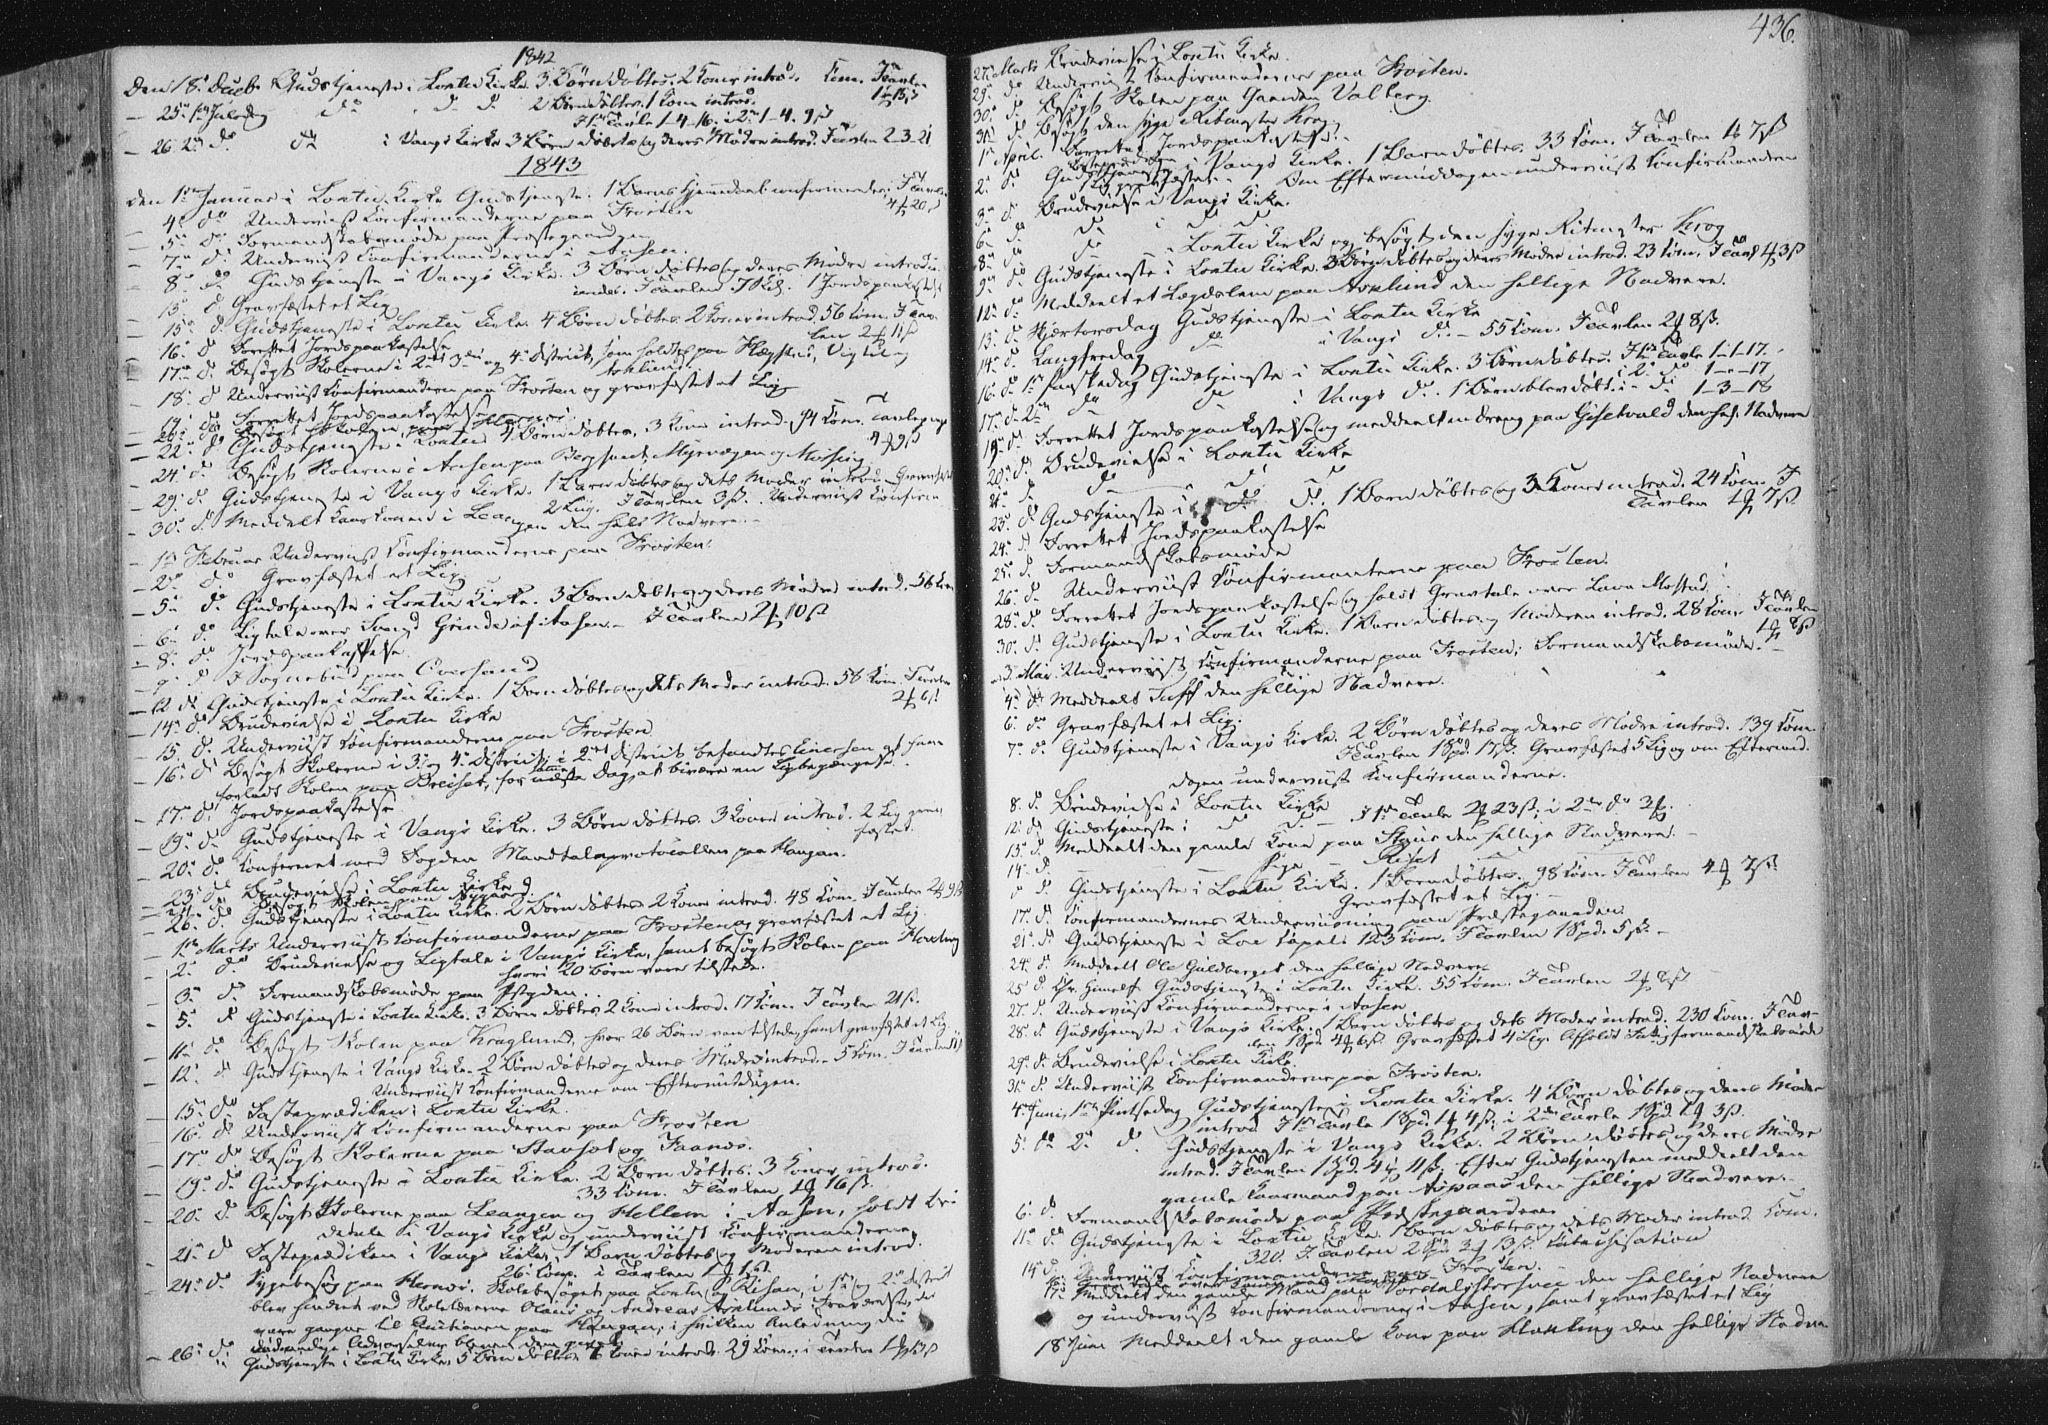 SAT, Ministerialprotokoller, klokkerbøker og fødselsregistre - Nord-Trøndelag, 713/L0115: Ministerialbok nr. 713A06, 1838-1851, s. 436